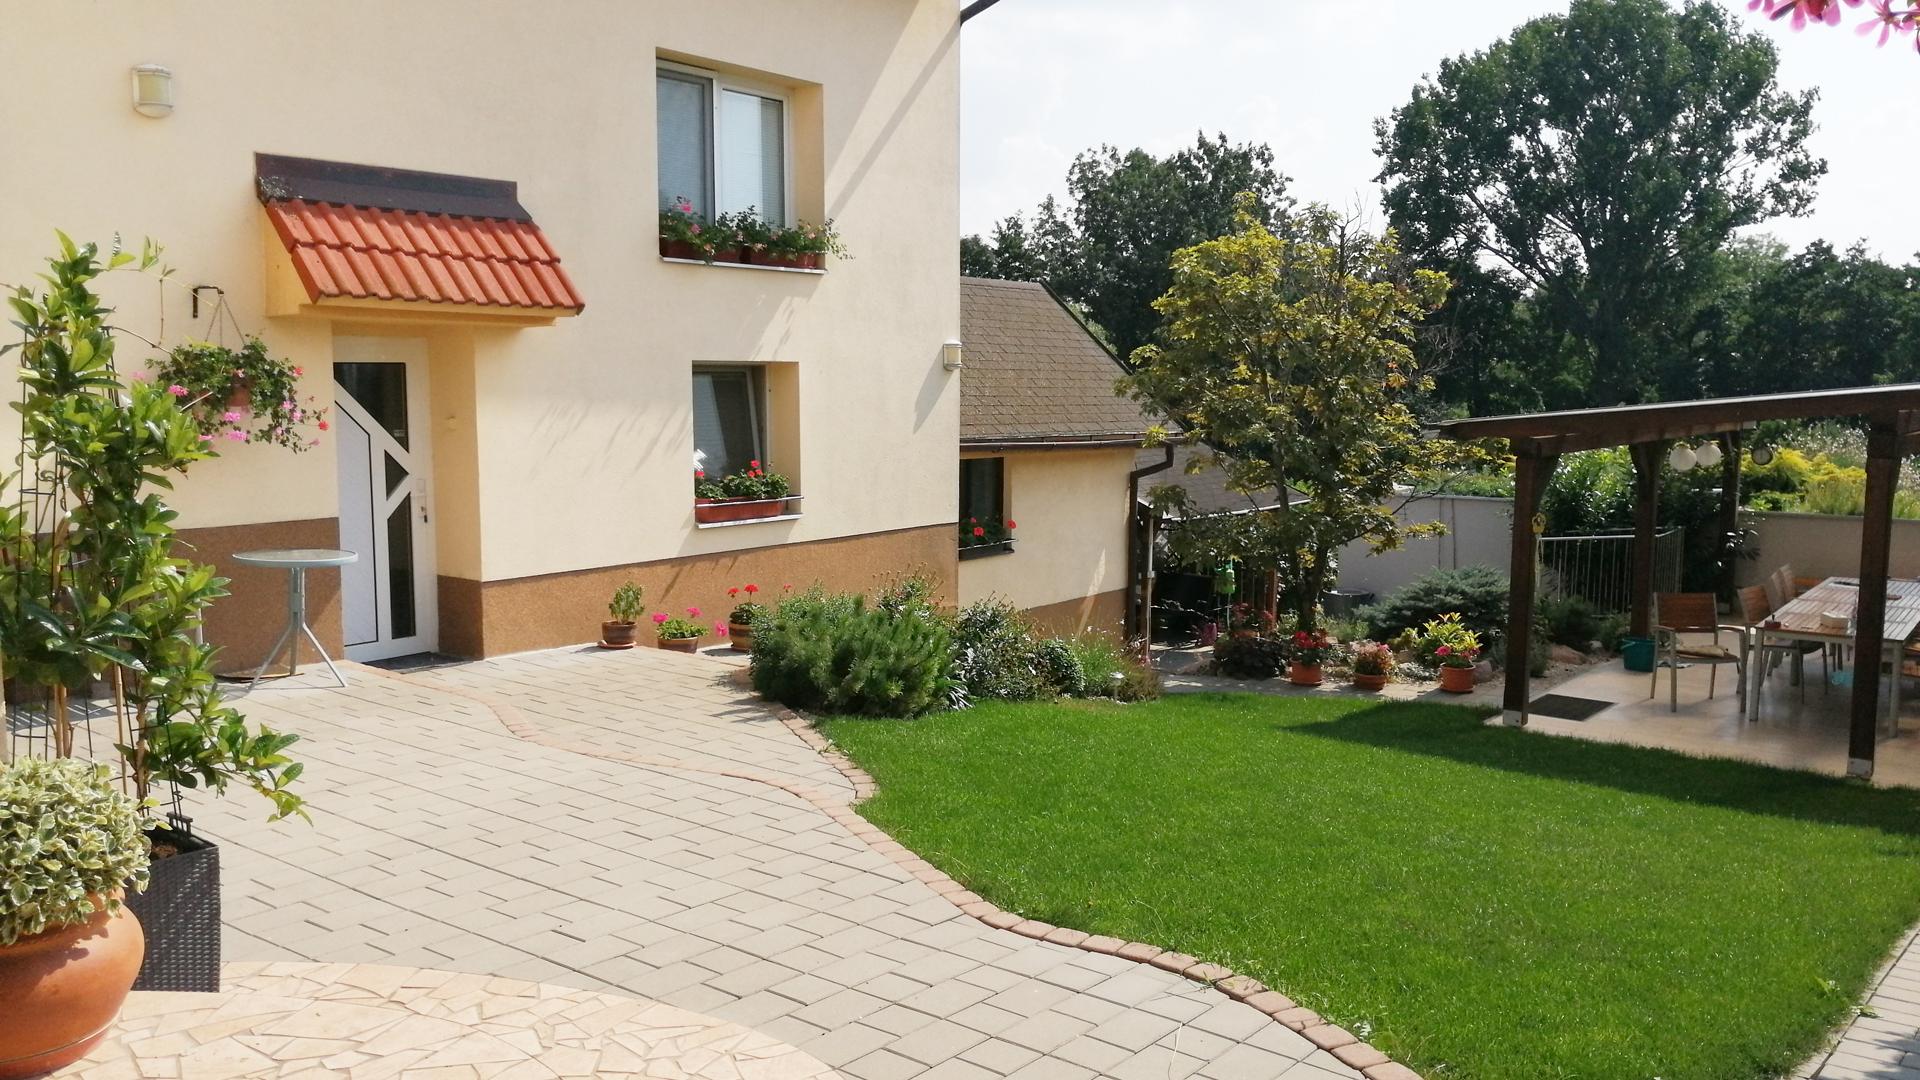 REZERVOVANÉ: Rodinný dom, 9 izbový, krytý bazén v dome a veľká záhrada, Blatné